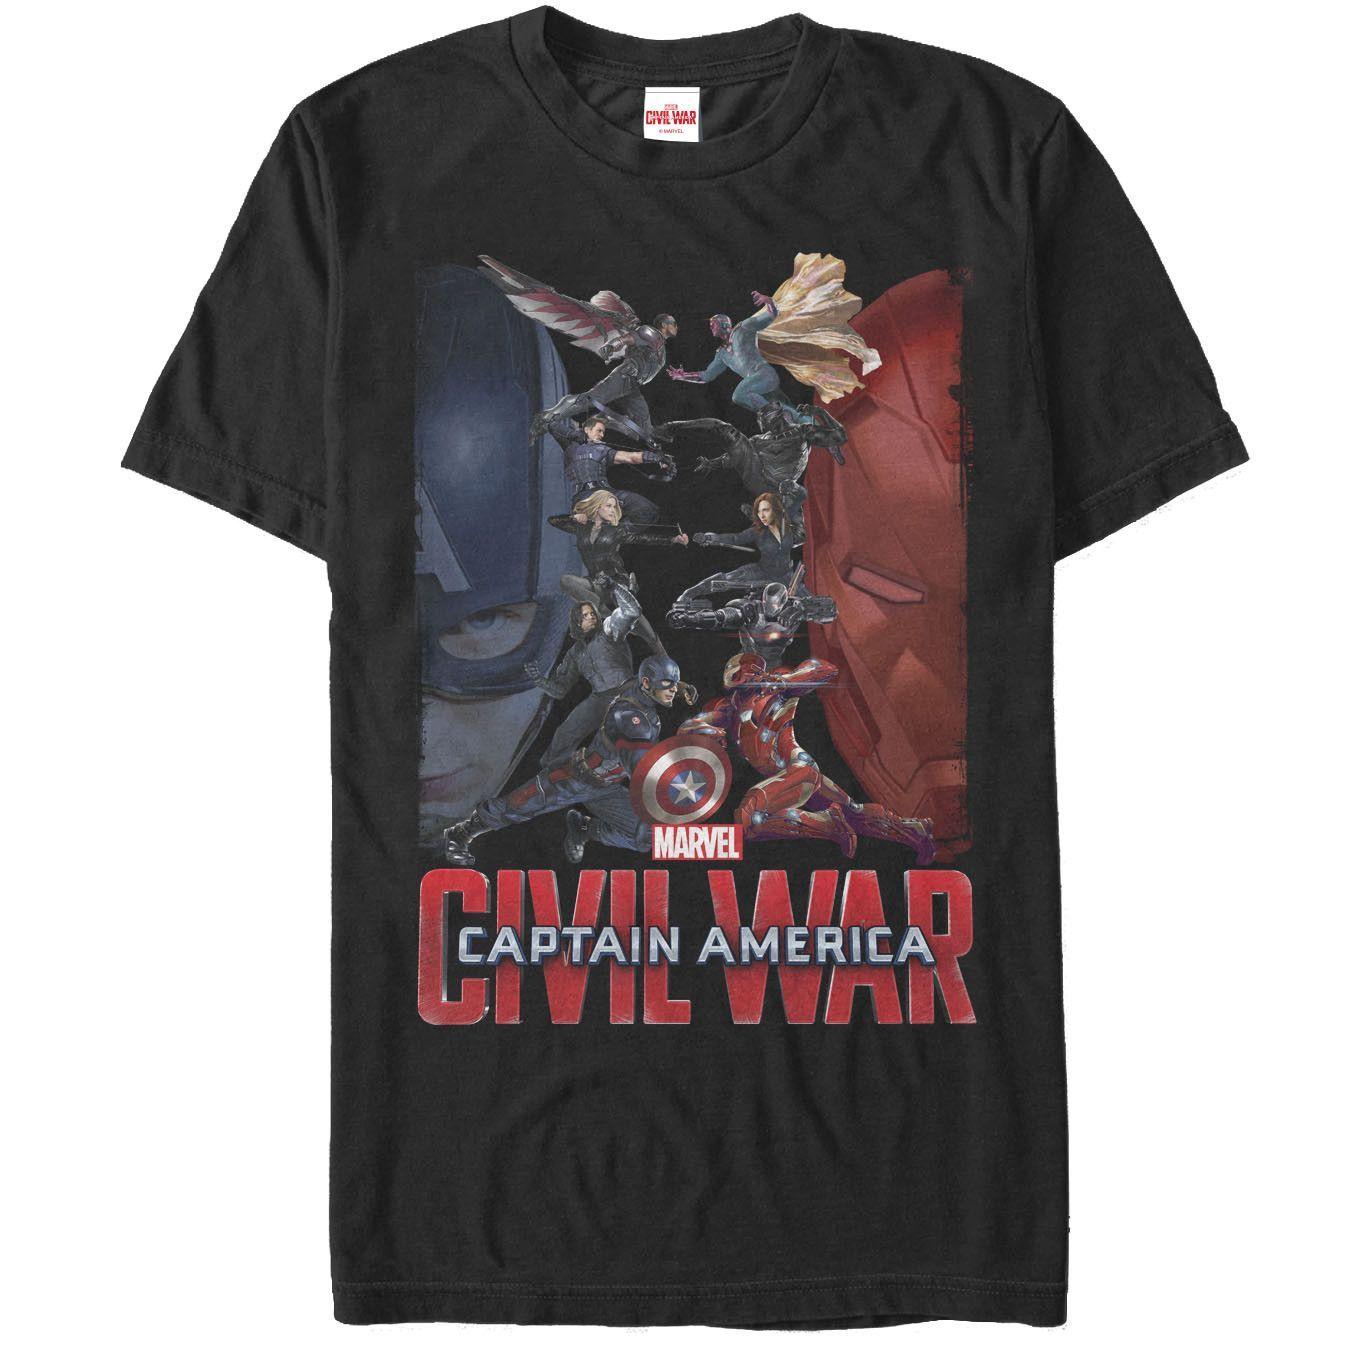 Marvel - Civil War Roster Adult Regular Fit T-Shirt